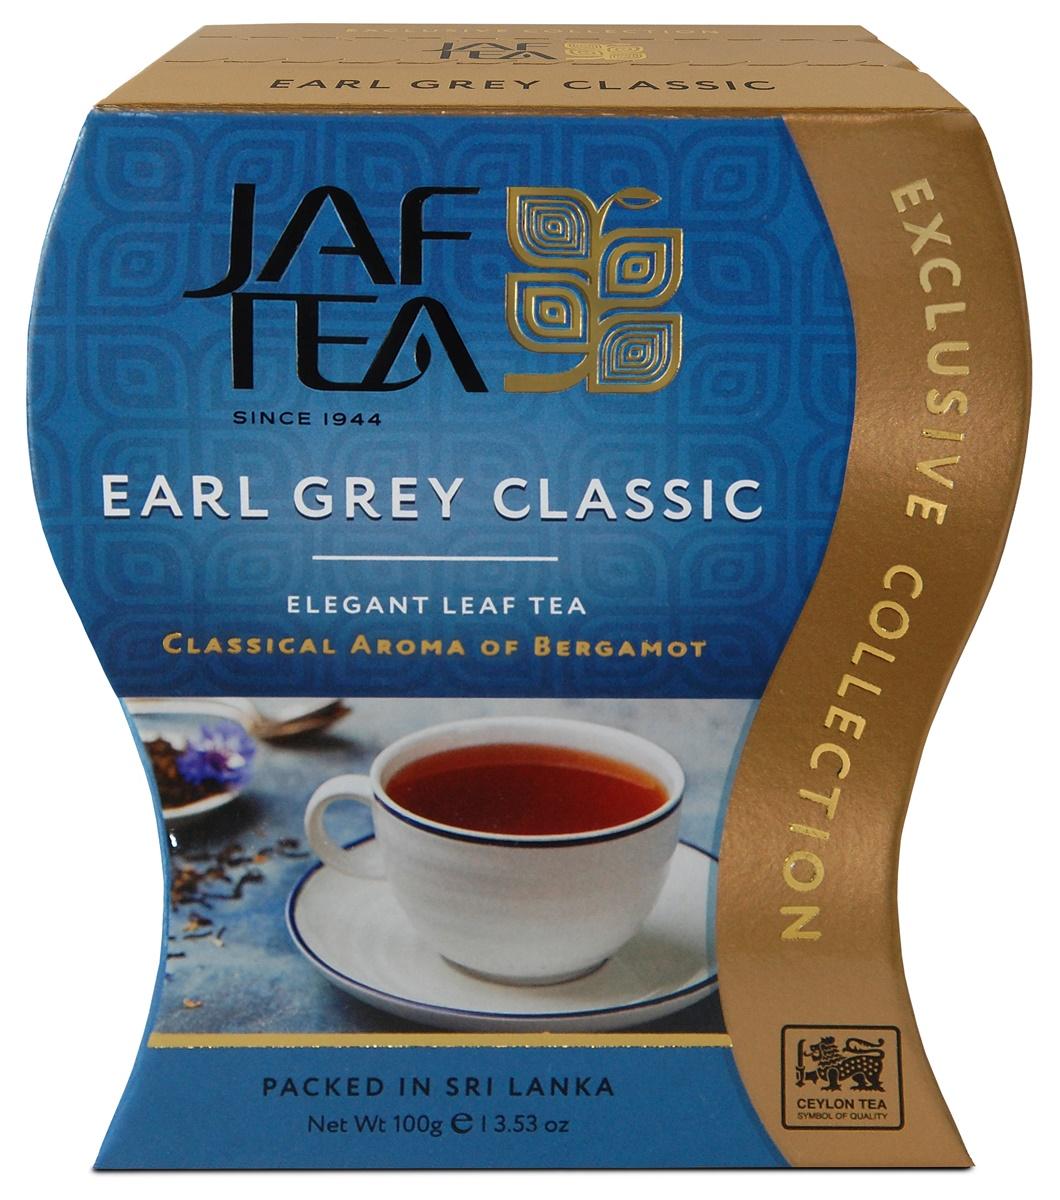 Jaf Tea Earl Grey Classic чай черный листовой с ароматом бергамота, 100 г ahmad tea earl grey черный чай 100 г жестяная банка